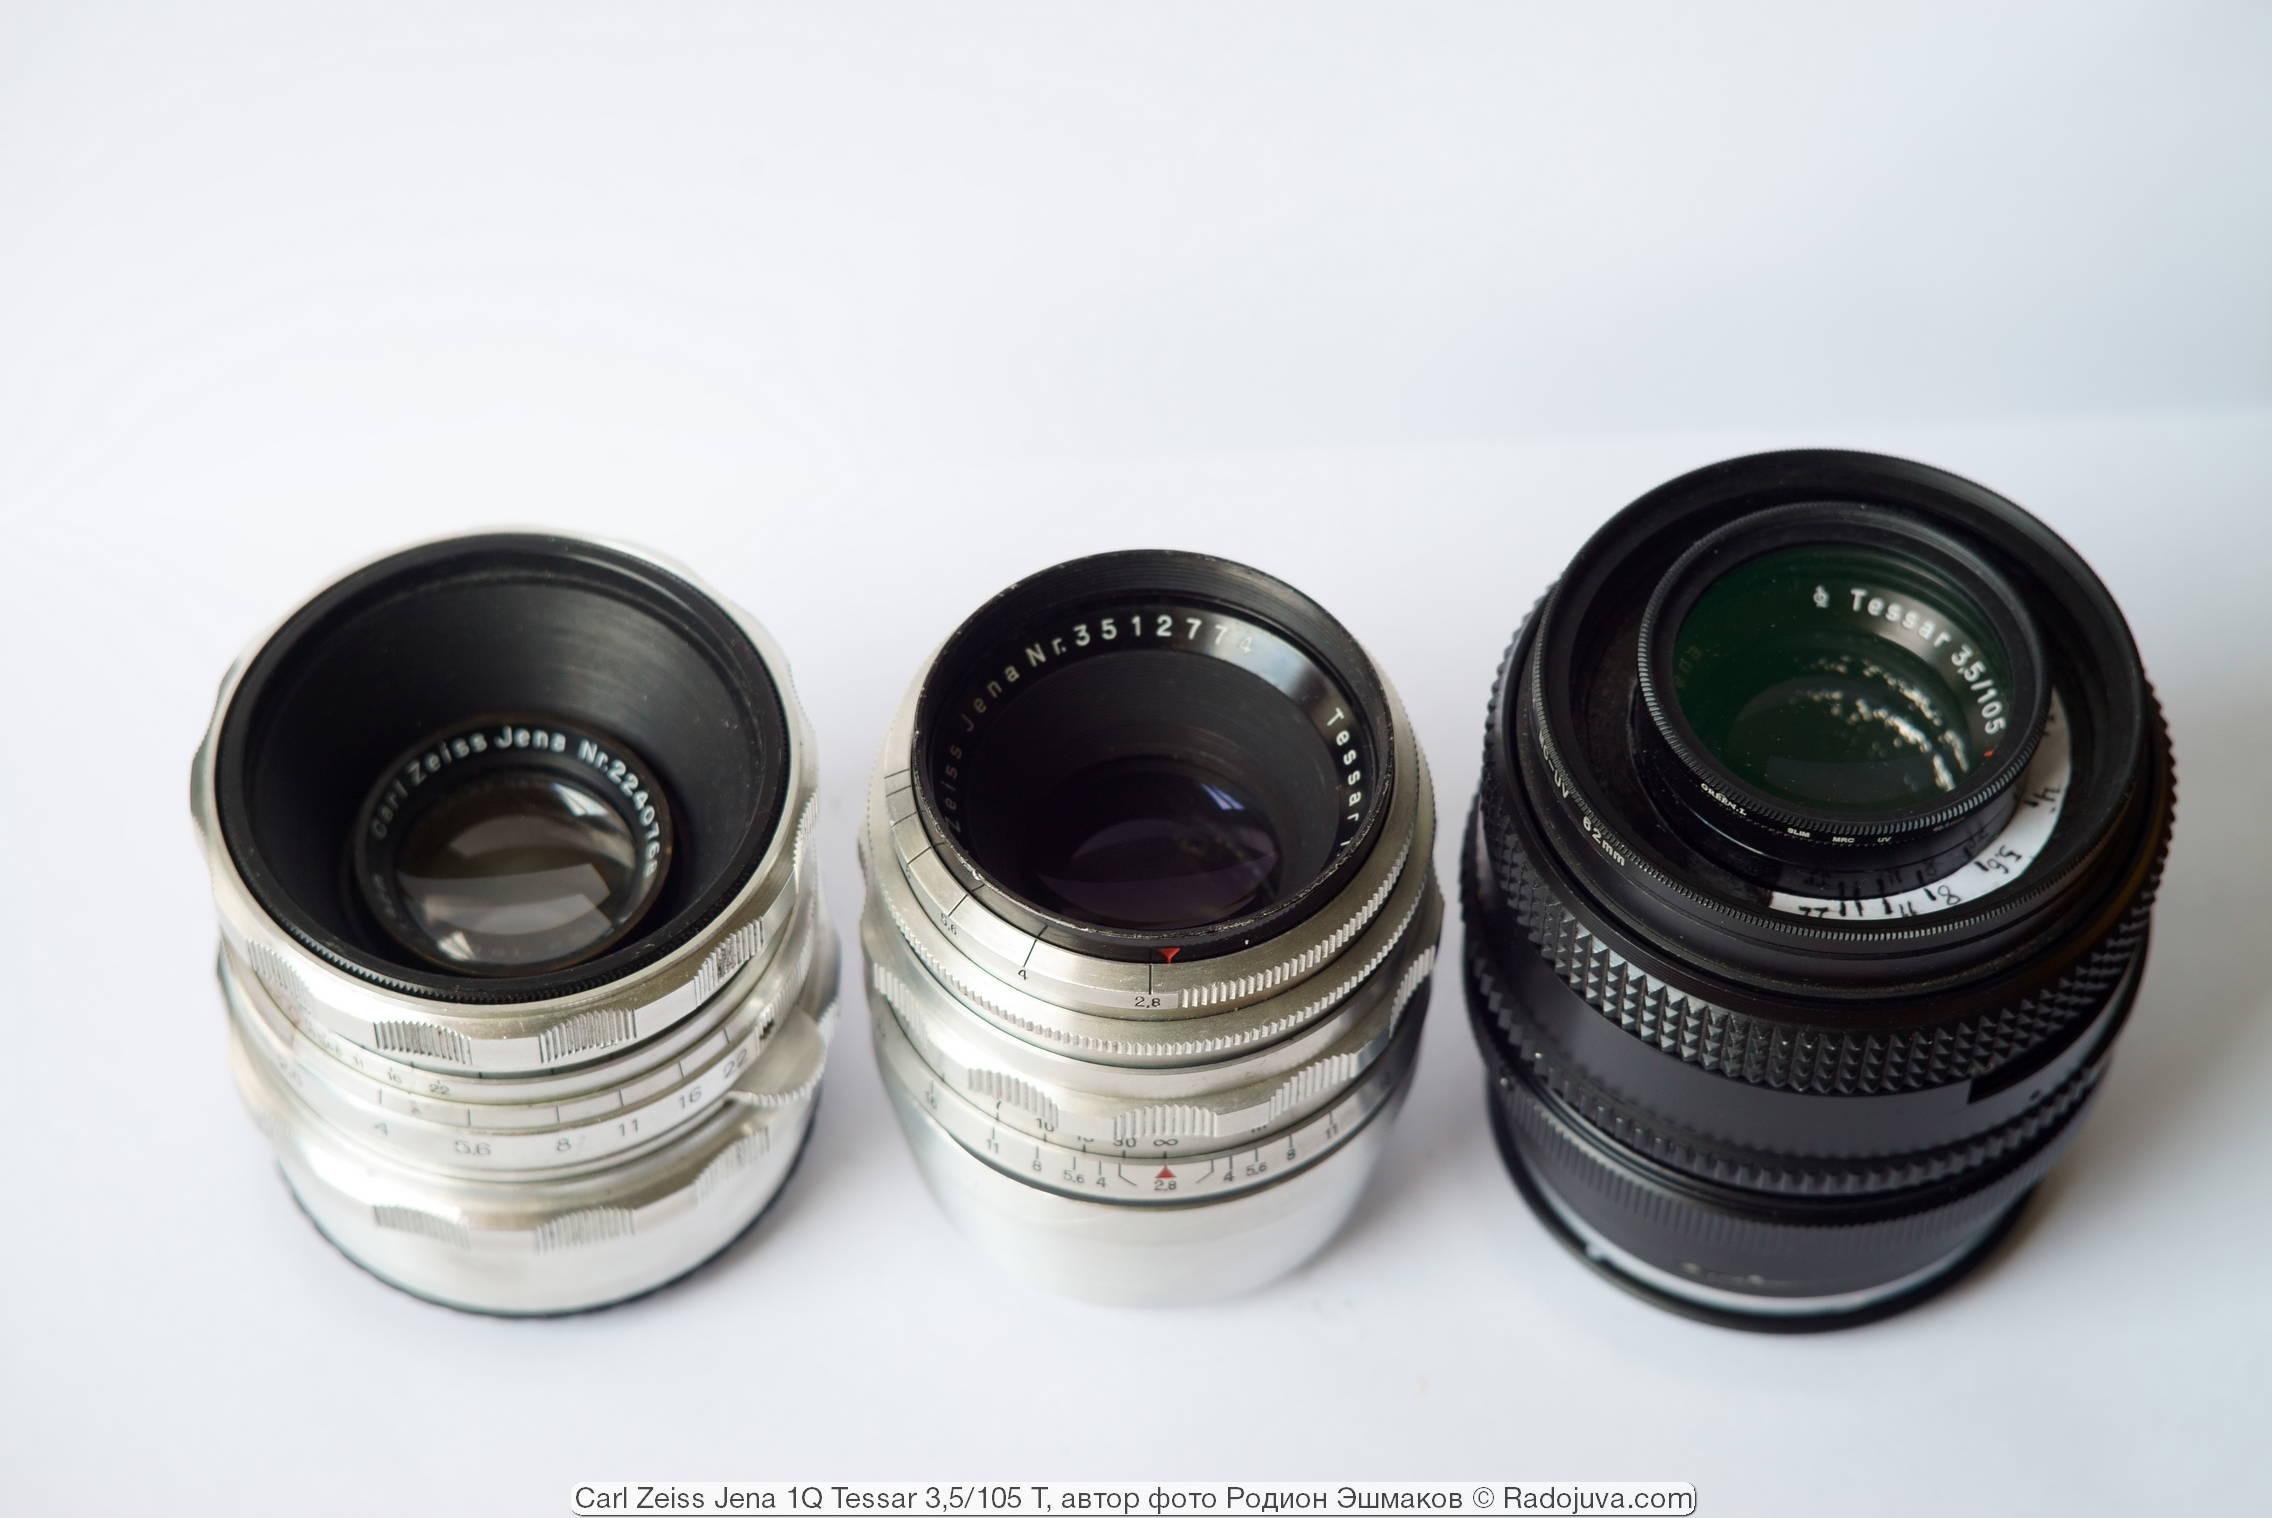 Адаптированные на М42 объективы Carl Zeiss Tessar 75/2.8 (1938, слева), Tessar 80/2.8 (1949, посередине) и Tessar 105/3/5 с байонетом P6 (справа).